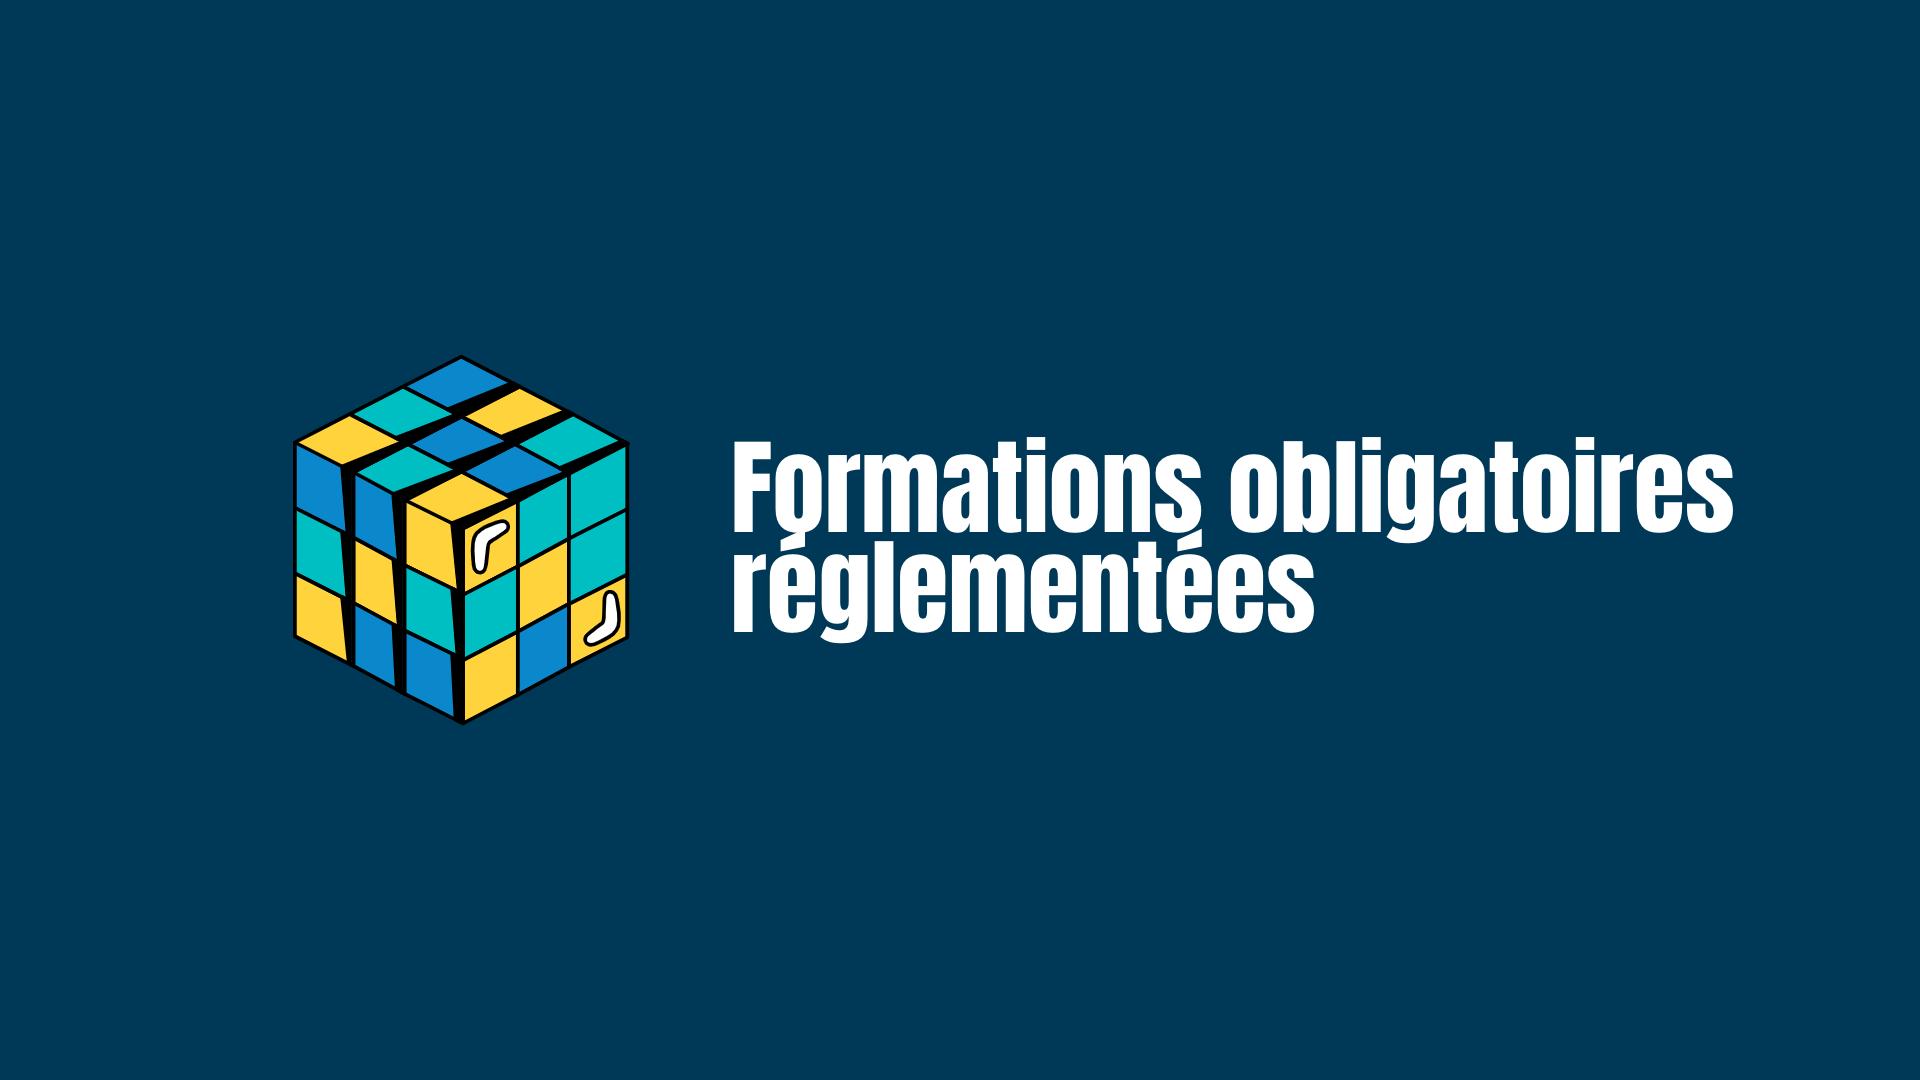 Représentation de la formation : Echafaudage fixe : montage, démontage, utilisation, vérification, maintenance et réception